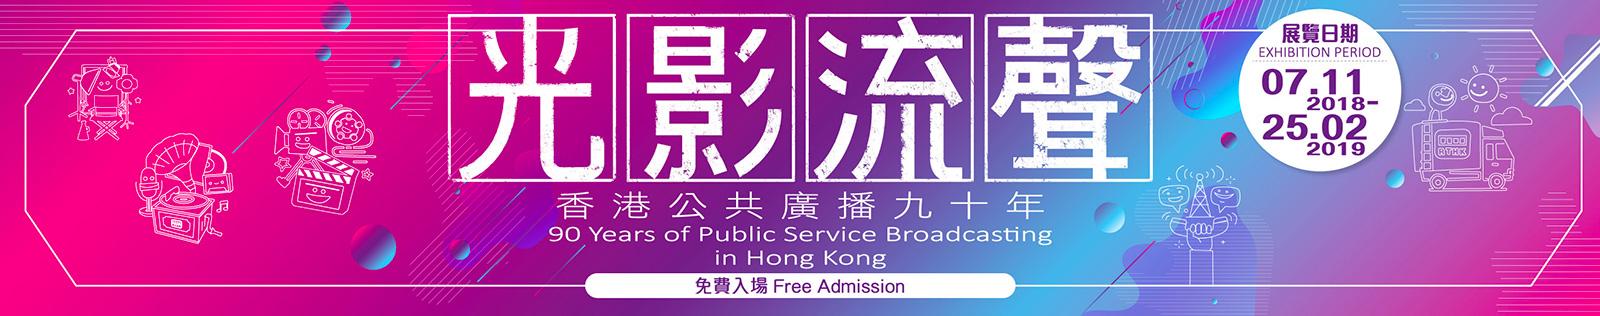 光影流声-香港公共广播九十年